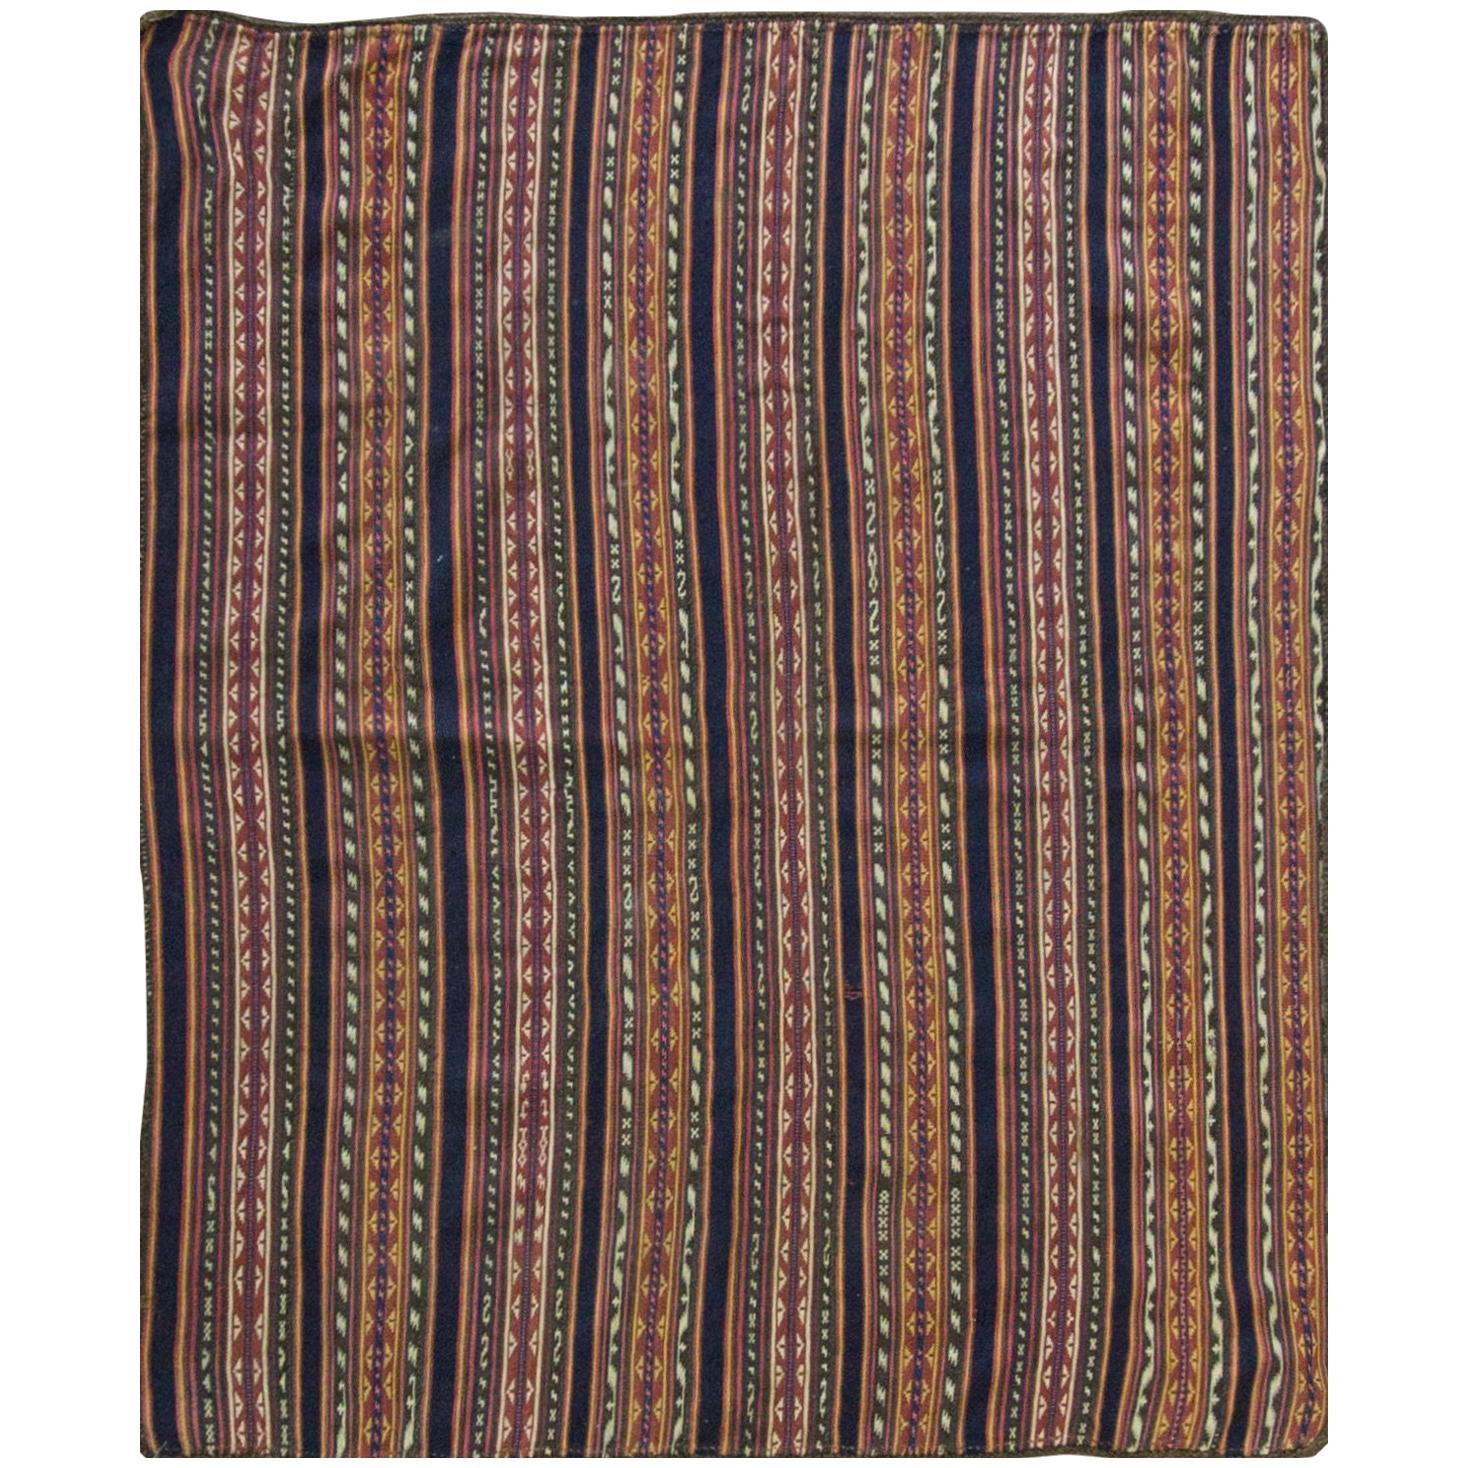 Antique Persian Jajim Kilim Persian Carpet